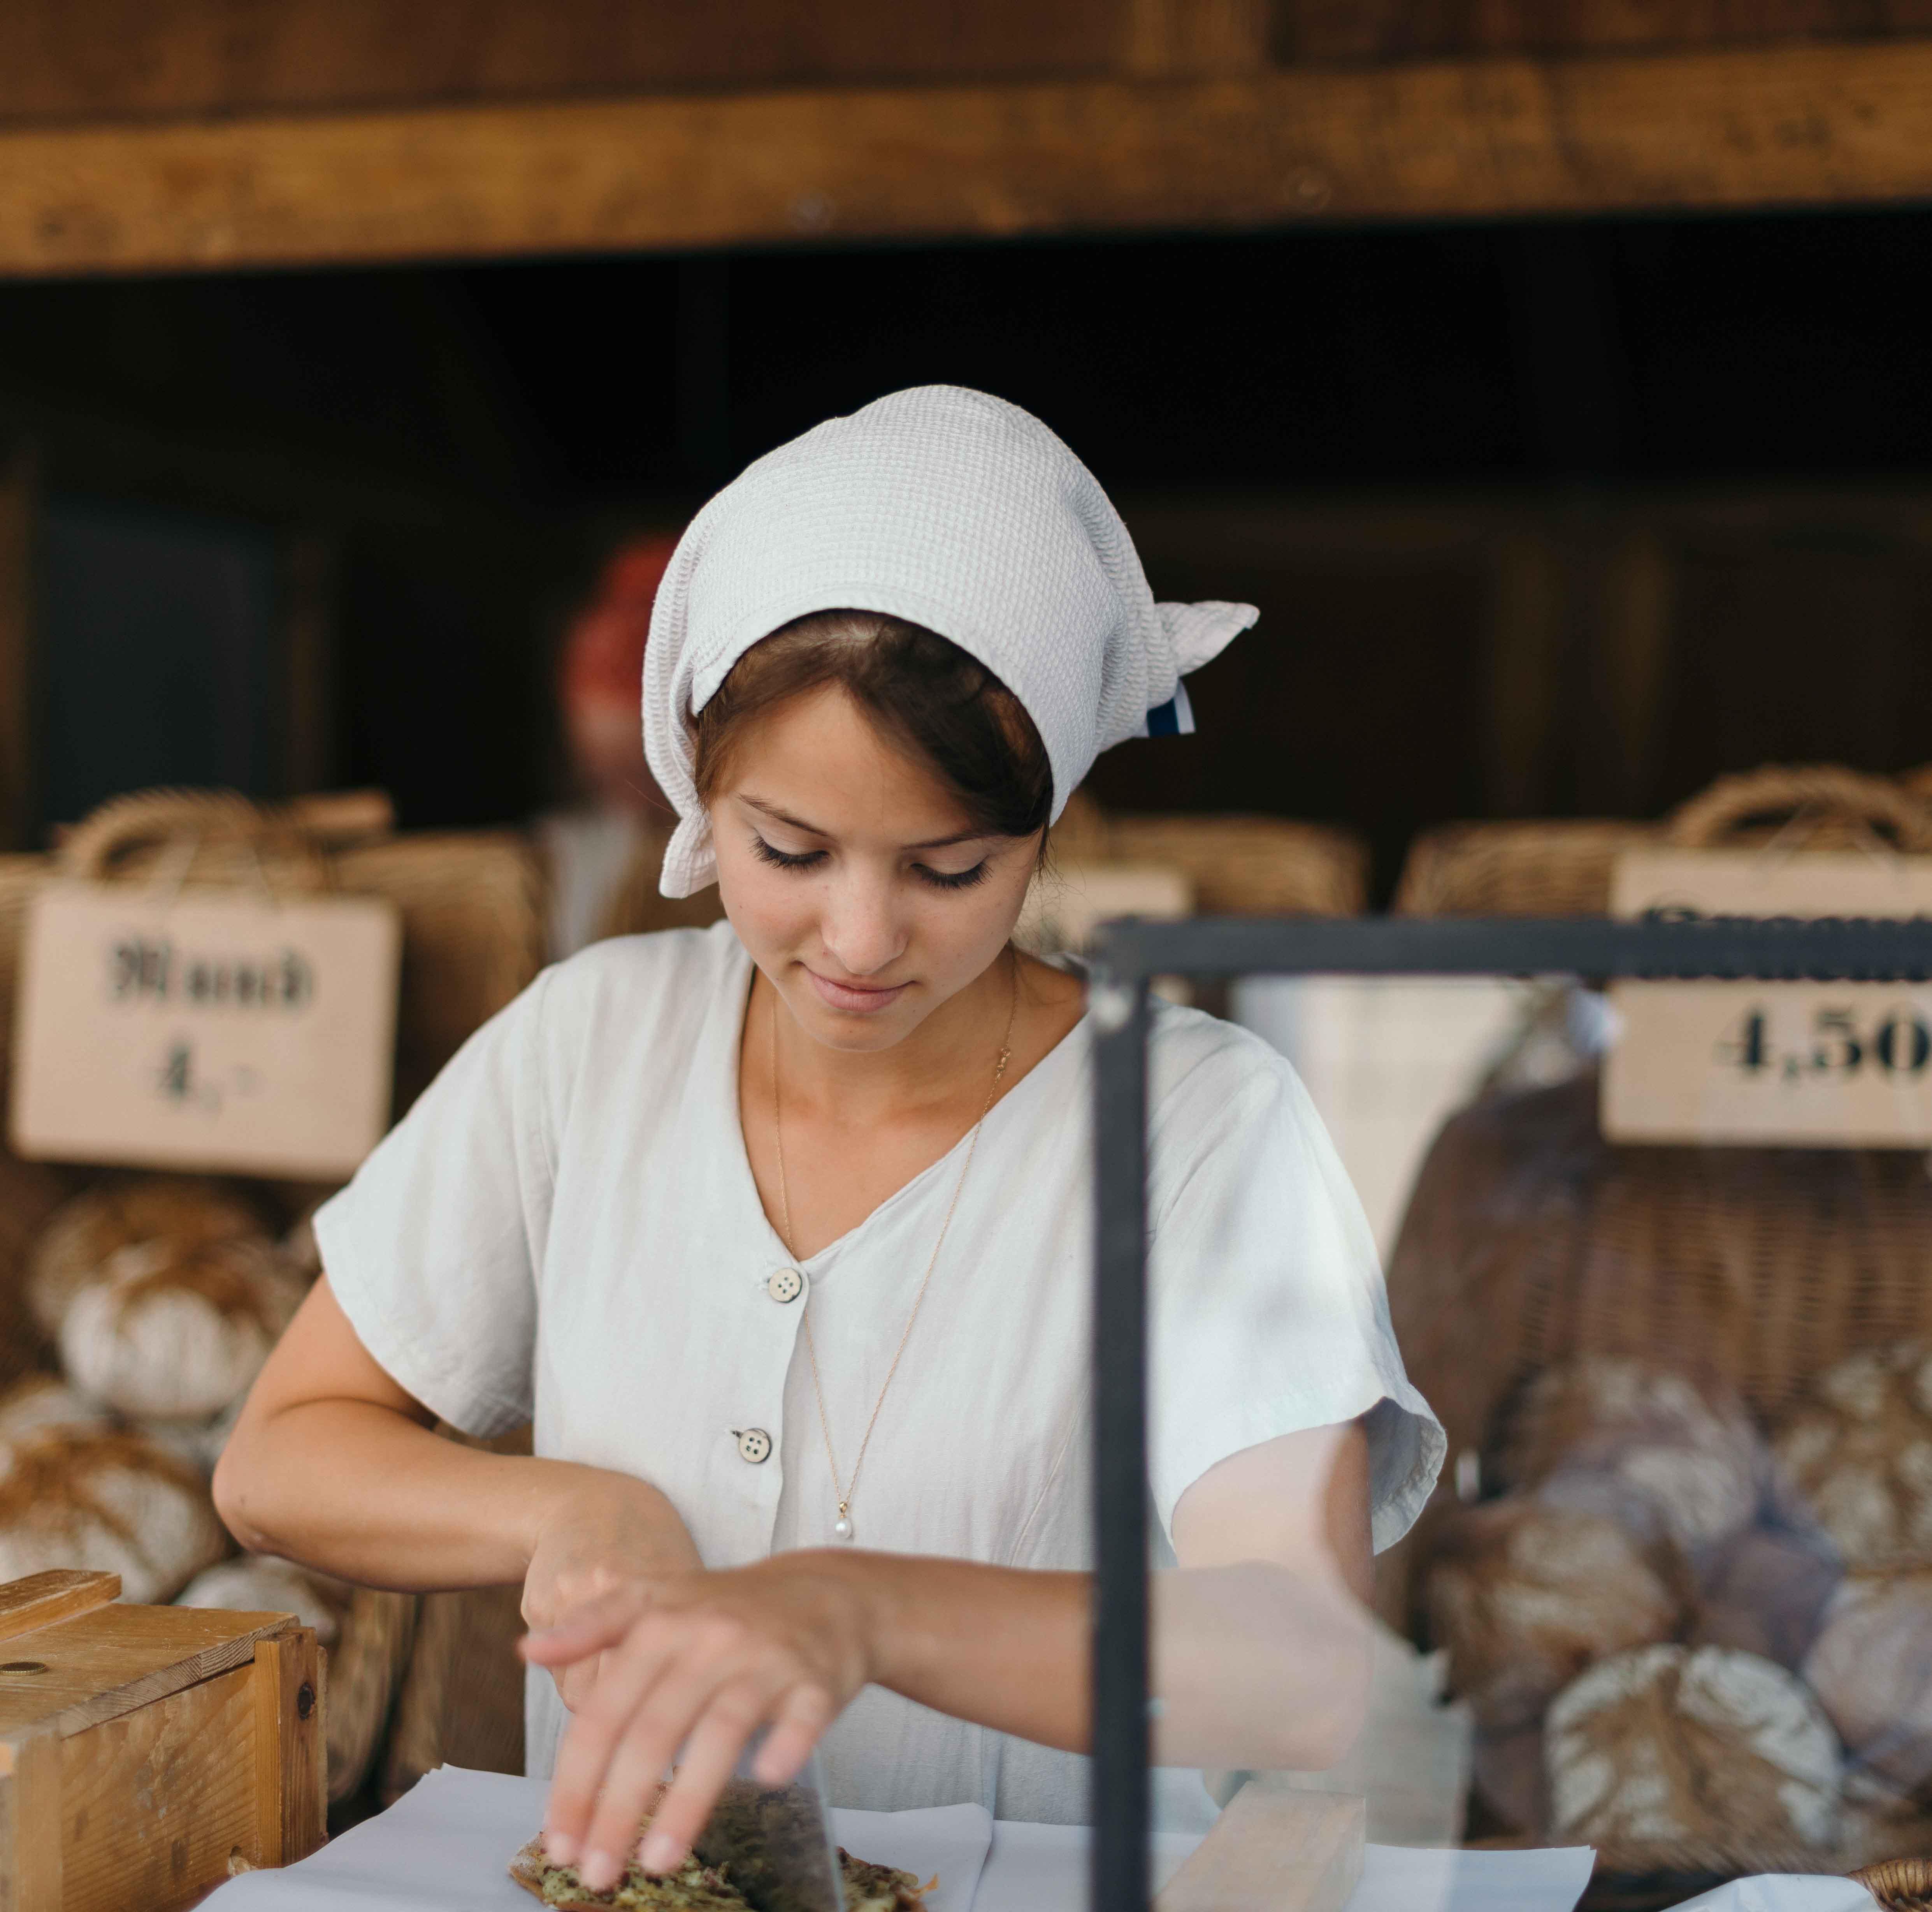 Chica en obrador de panadería